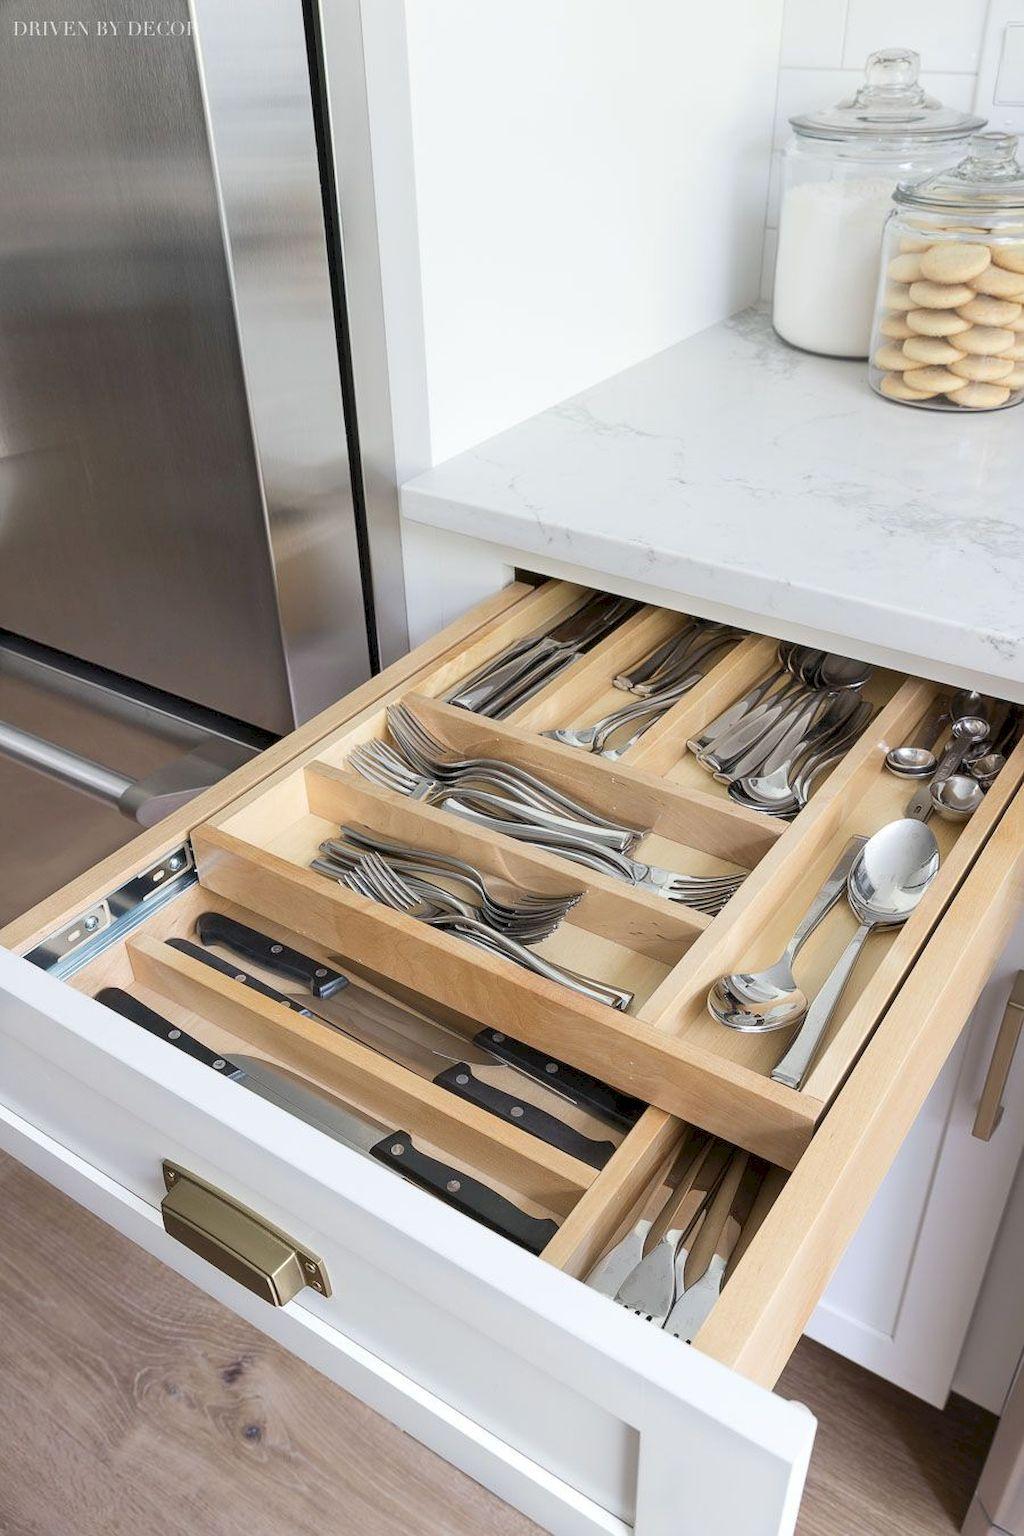 Dazzling Kitchen Cupboard Concepts Kitchen Cabinets Storage Organizers Kitchen Cabinet Storage Diy Kitchen Cabinets